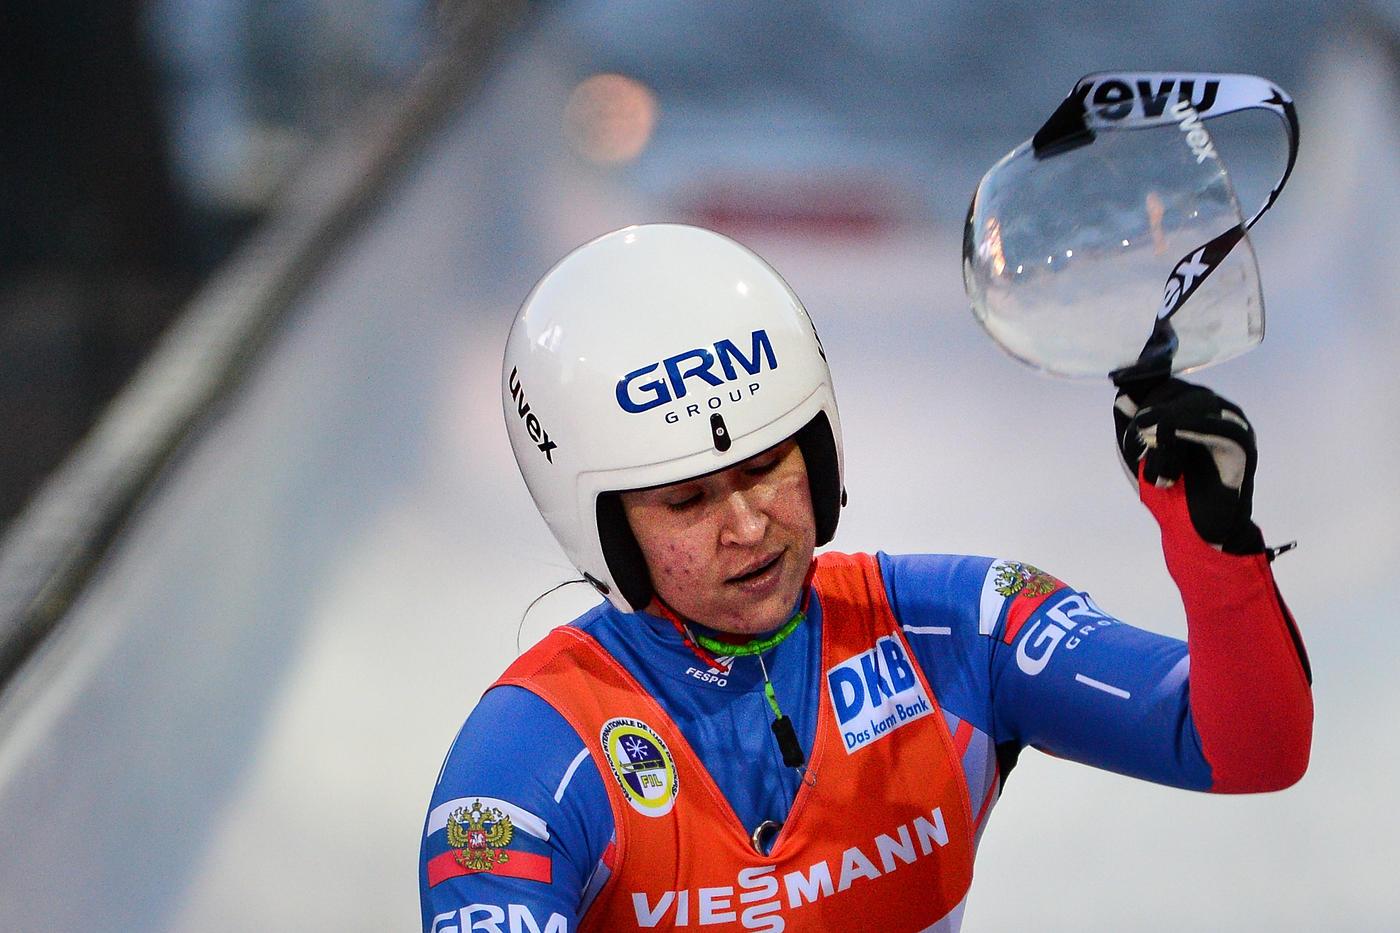 Прокатили! 13 выигравших в CAS российских спортсменов не допущены в Пхенчхан-2018 - фото